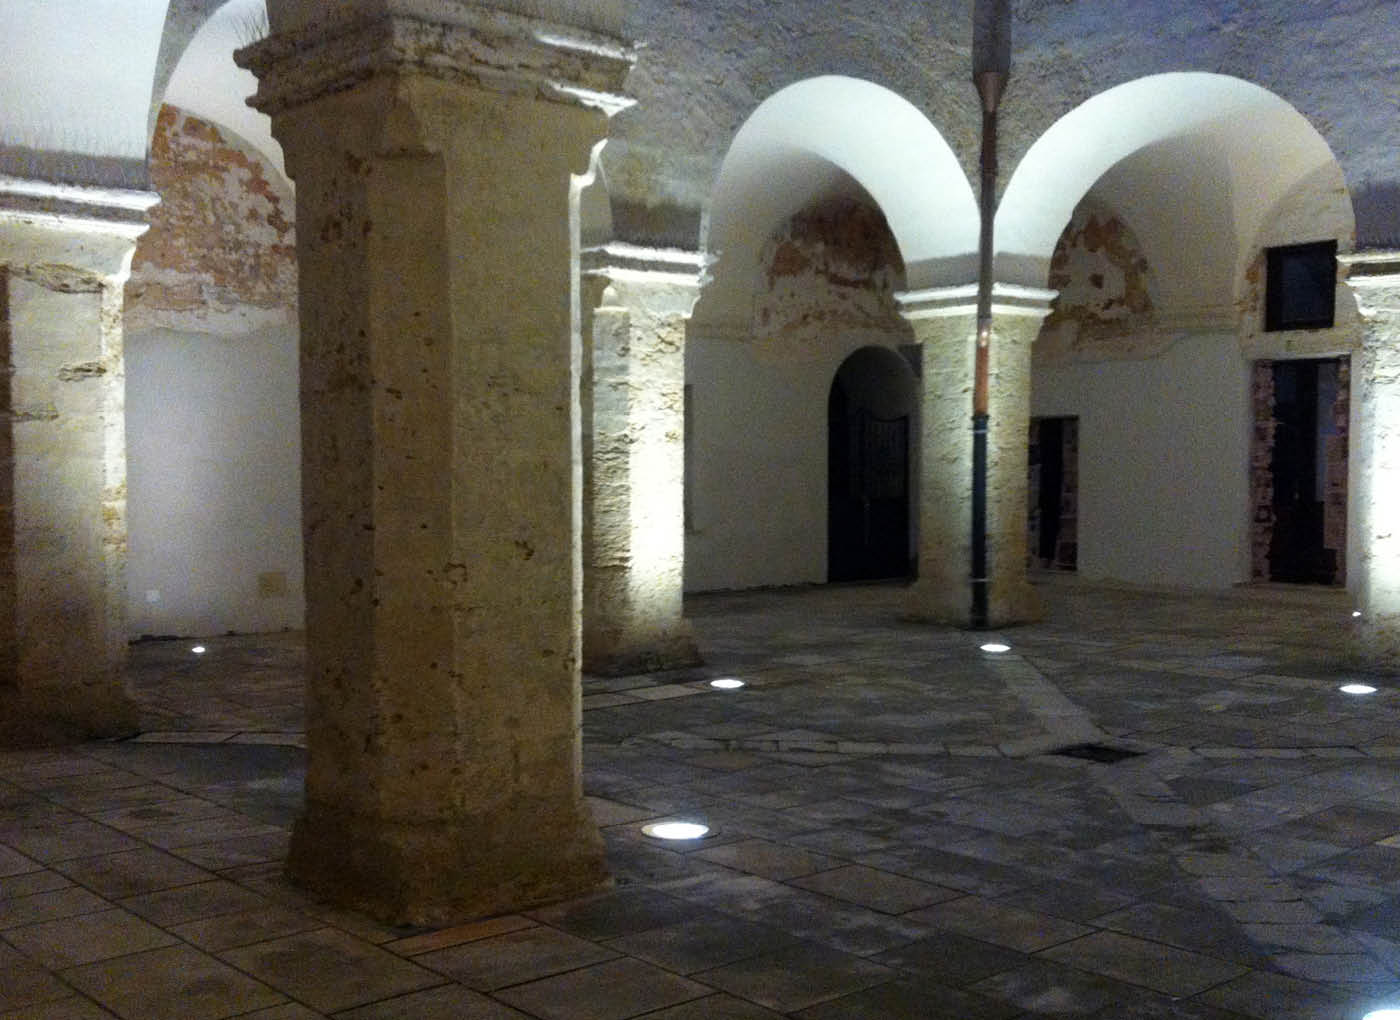 convento-padri-carmelitani-presicce-termointonaco-laterlite-12